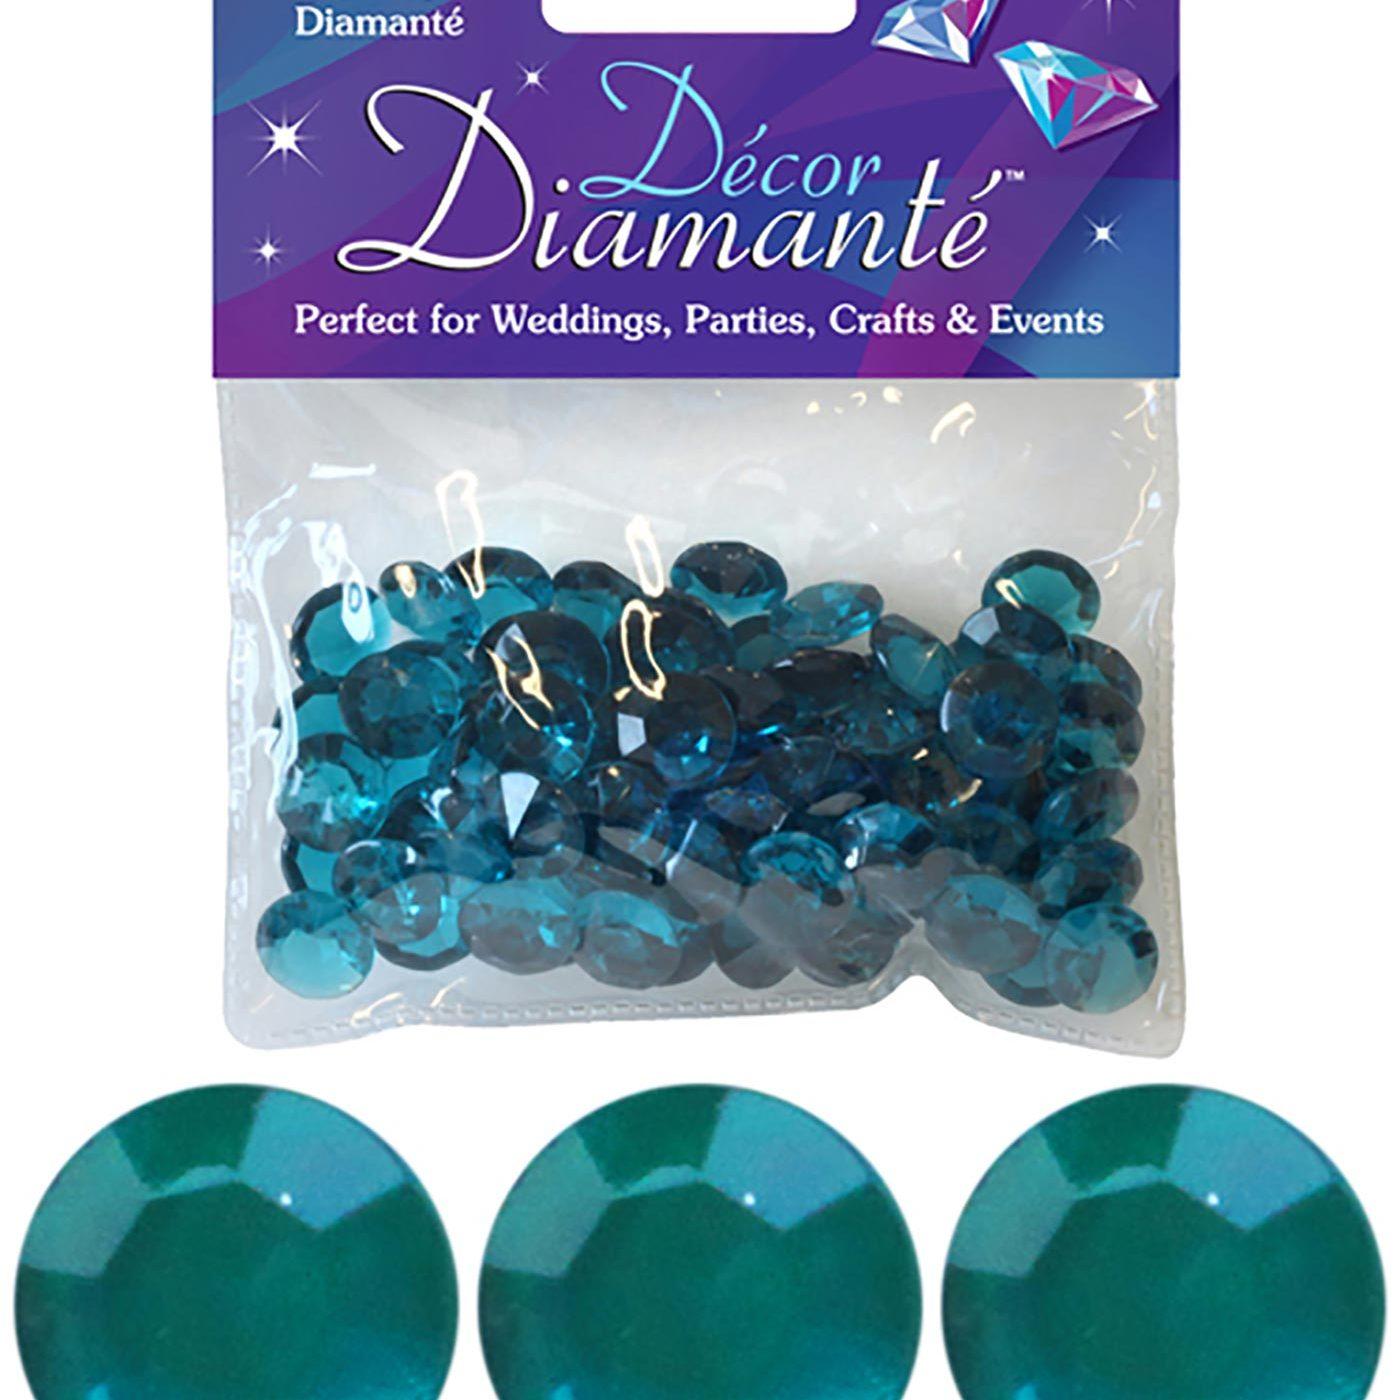 12mm Décor Diamante Diamonds 28g No.41 Jade